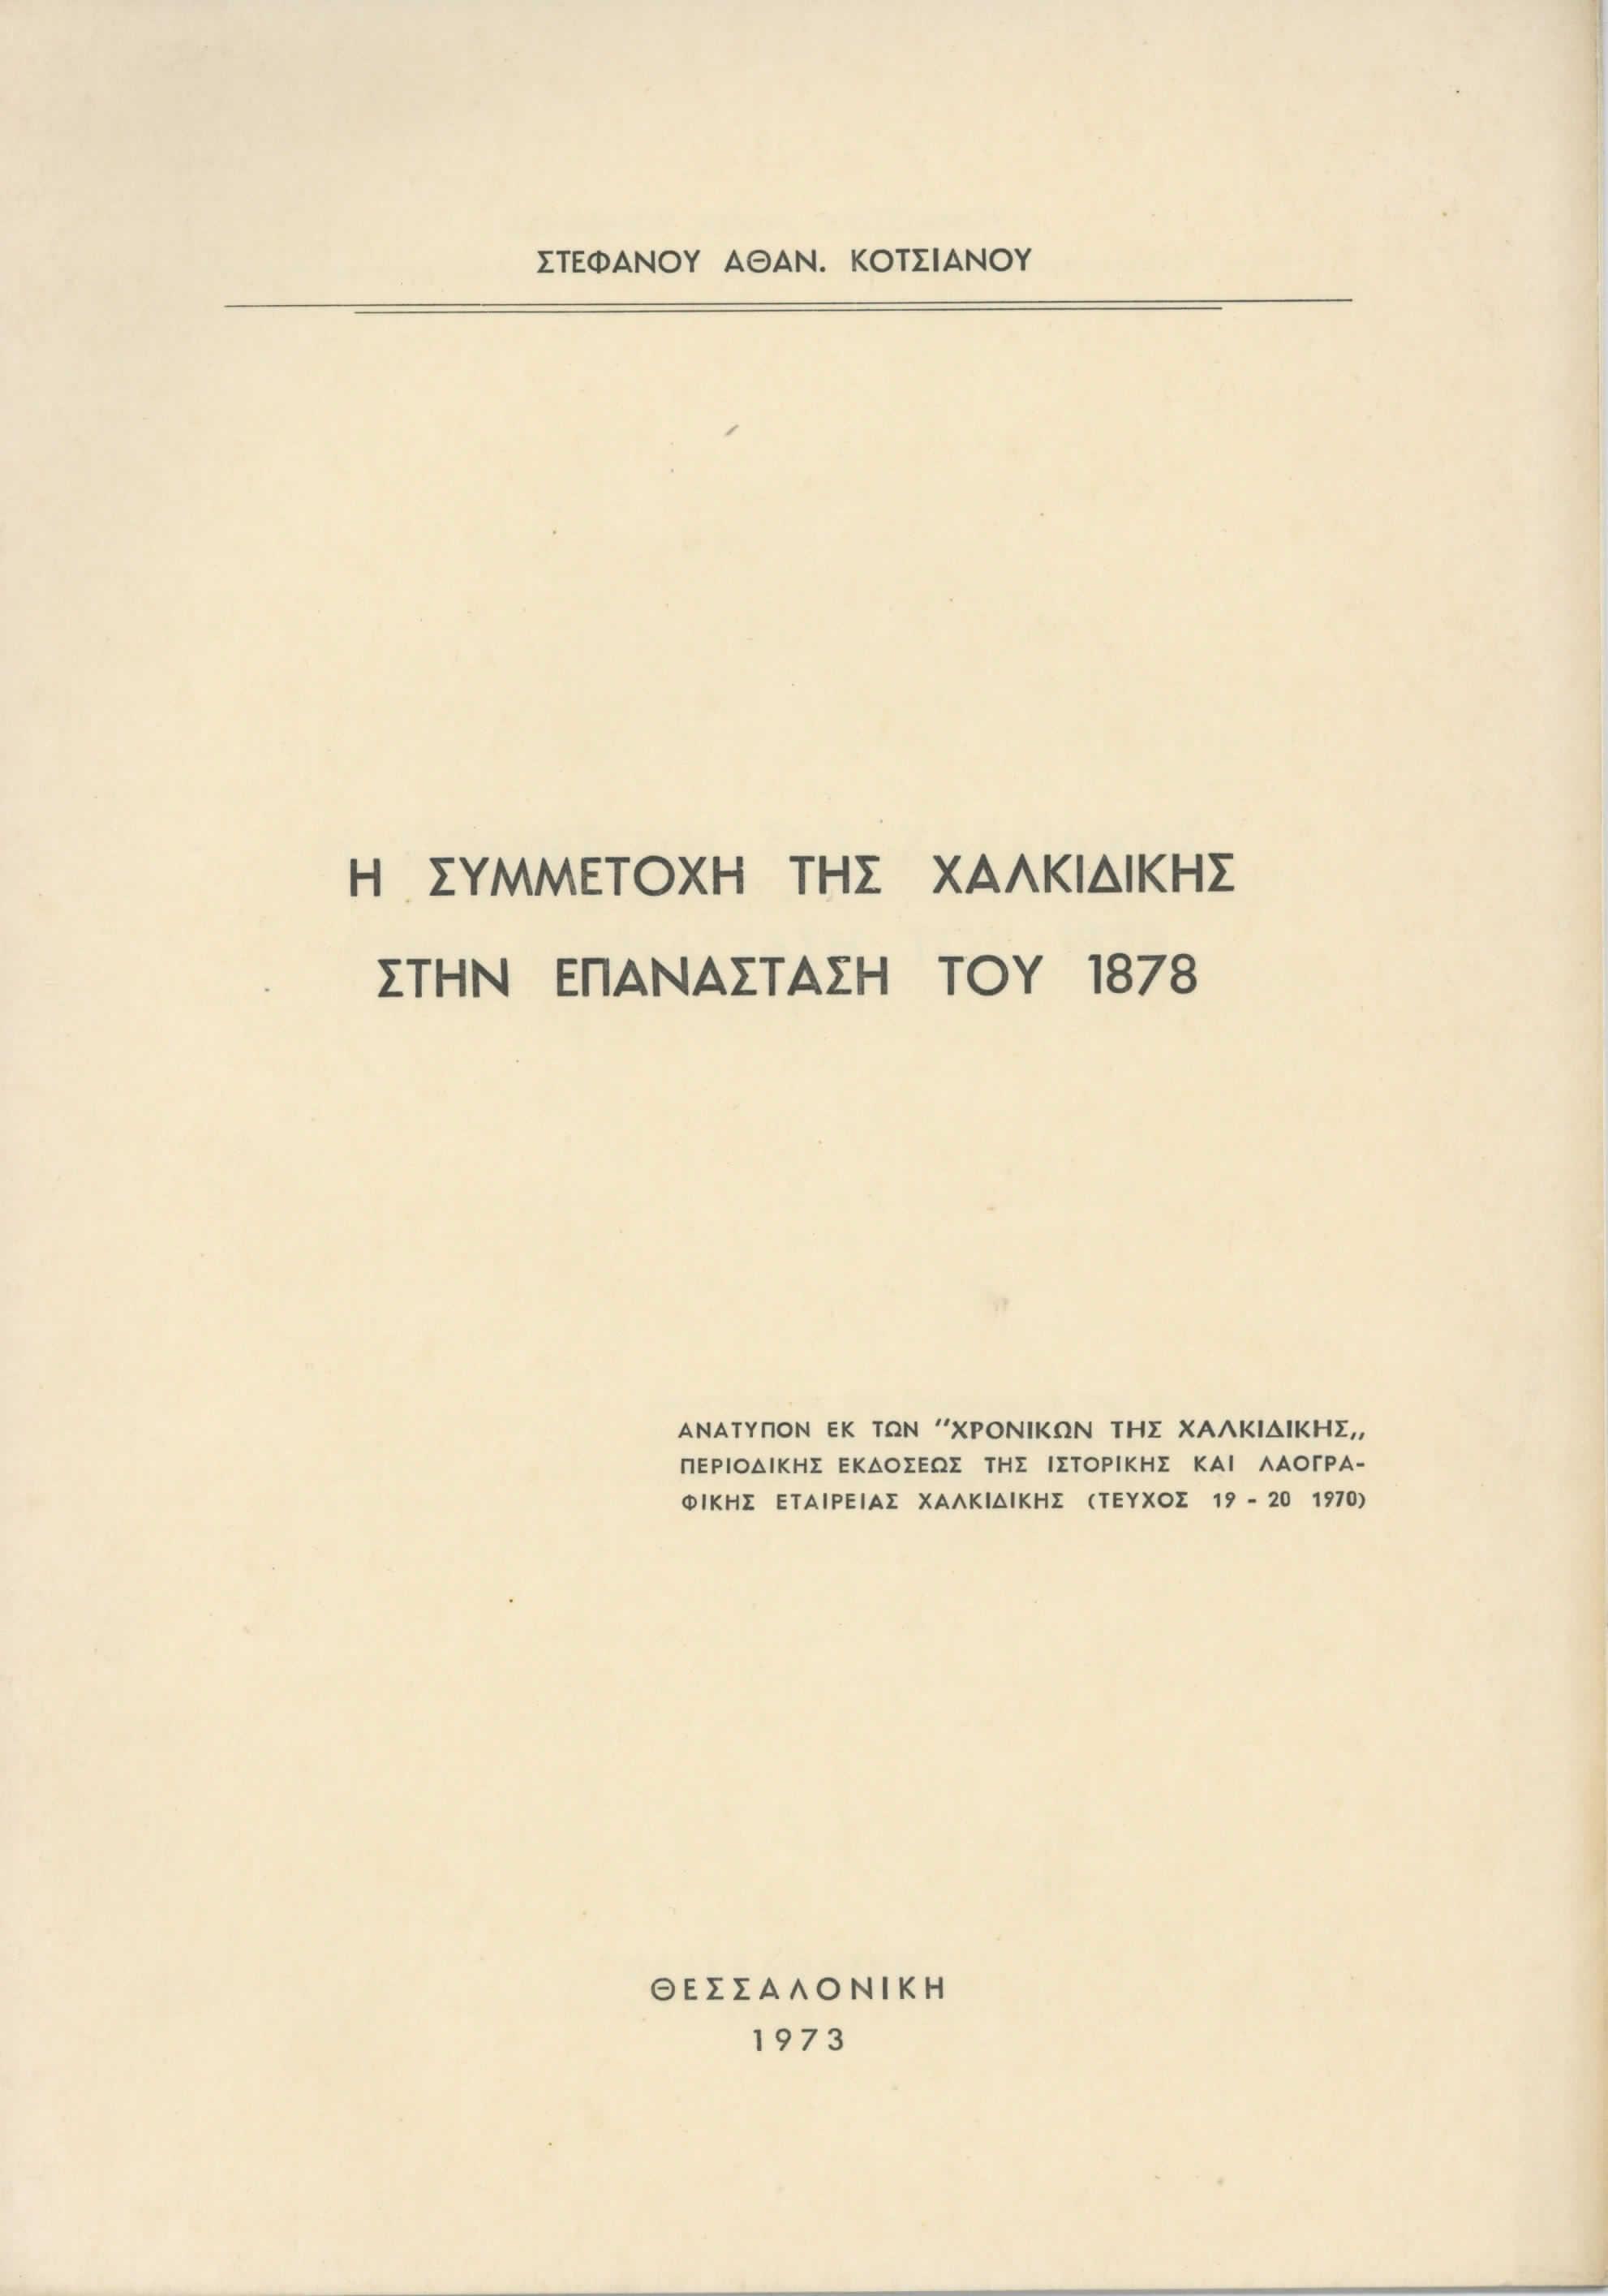 Η συμμετοχή  της Χαλκιδικής στην επανάσταση του 1878